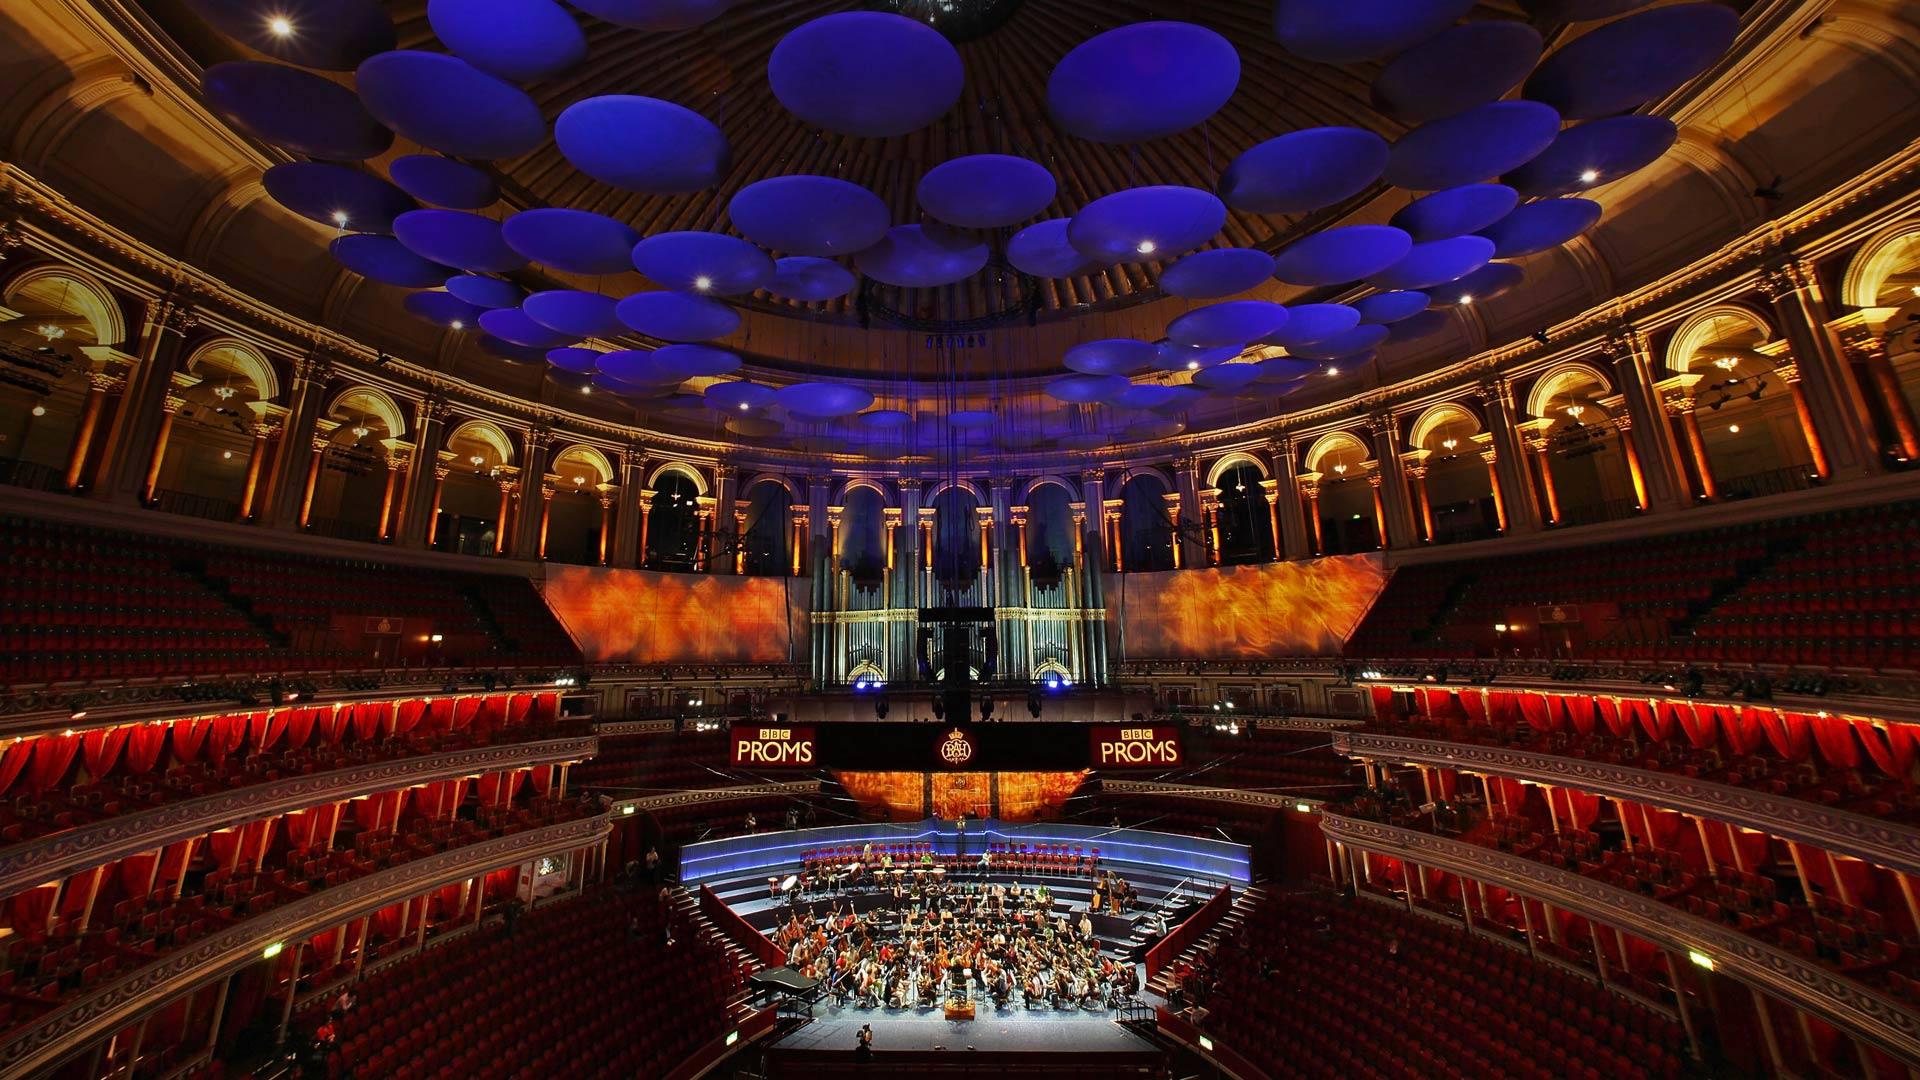 「ロイヤル・アルバート・ホール」イギリス,ロンドン (© Oli Scarff/Getty Images)